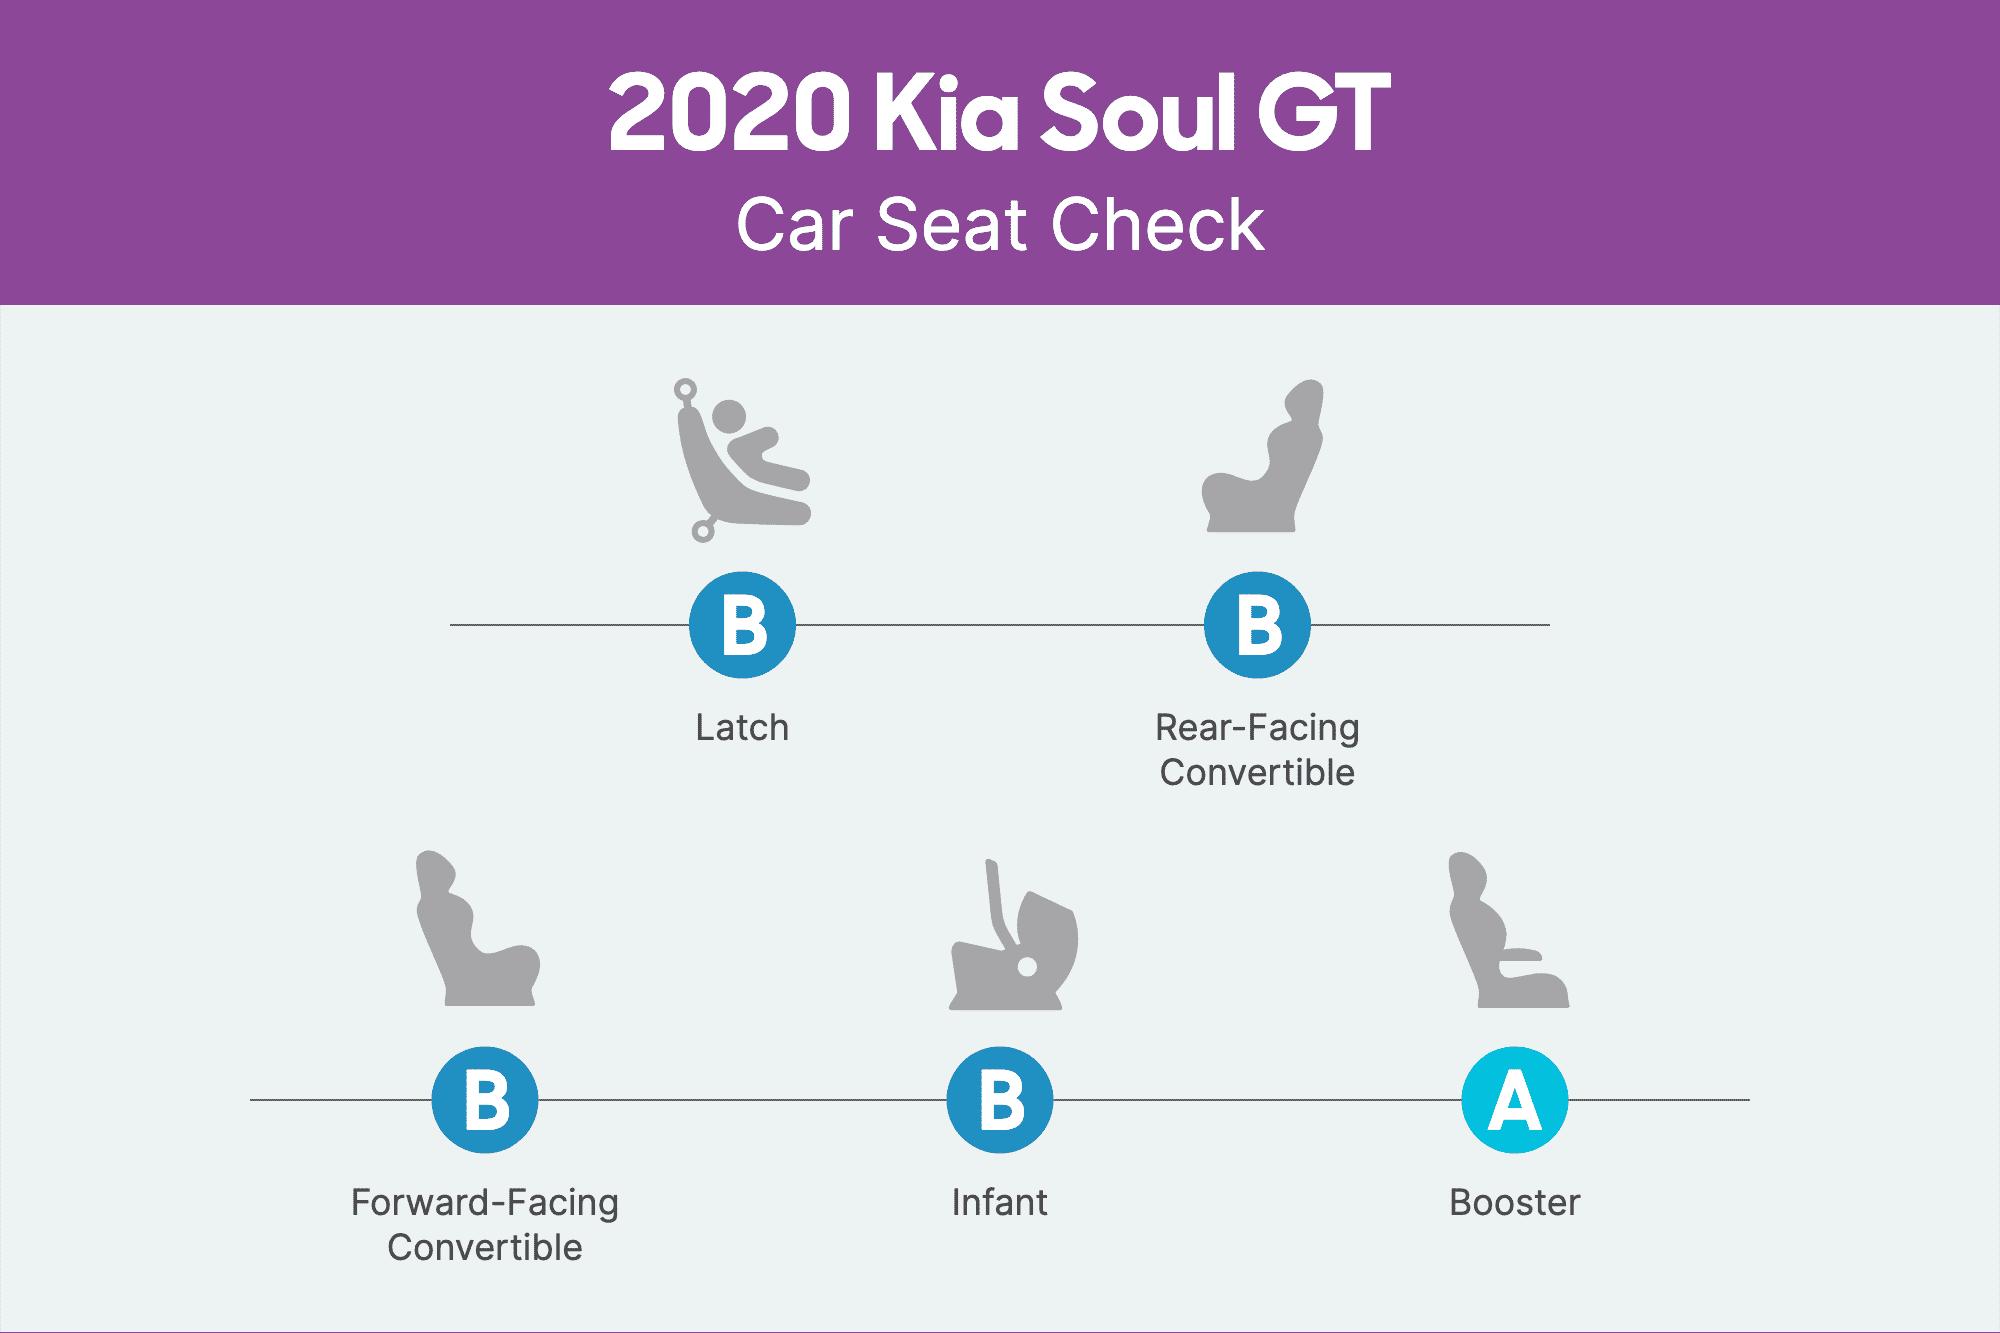 kia-soul-gt-2020-csc-scorecard.png